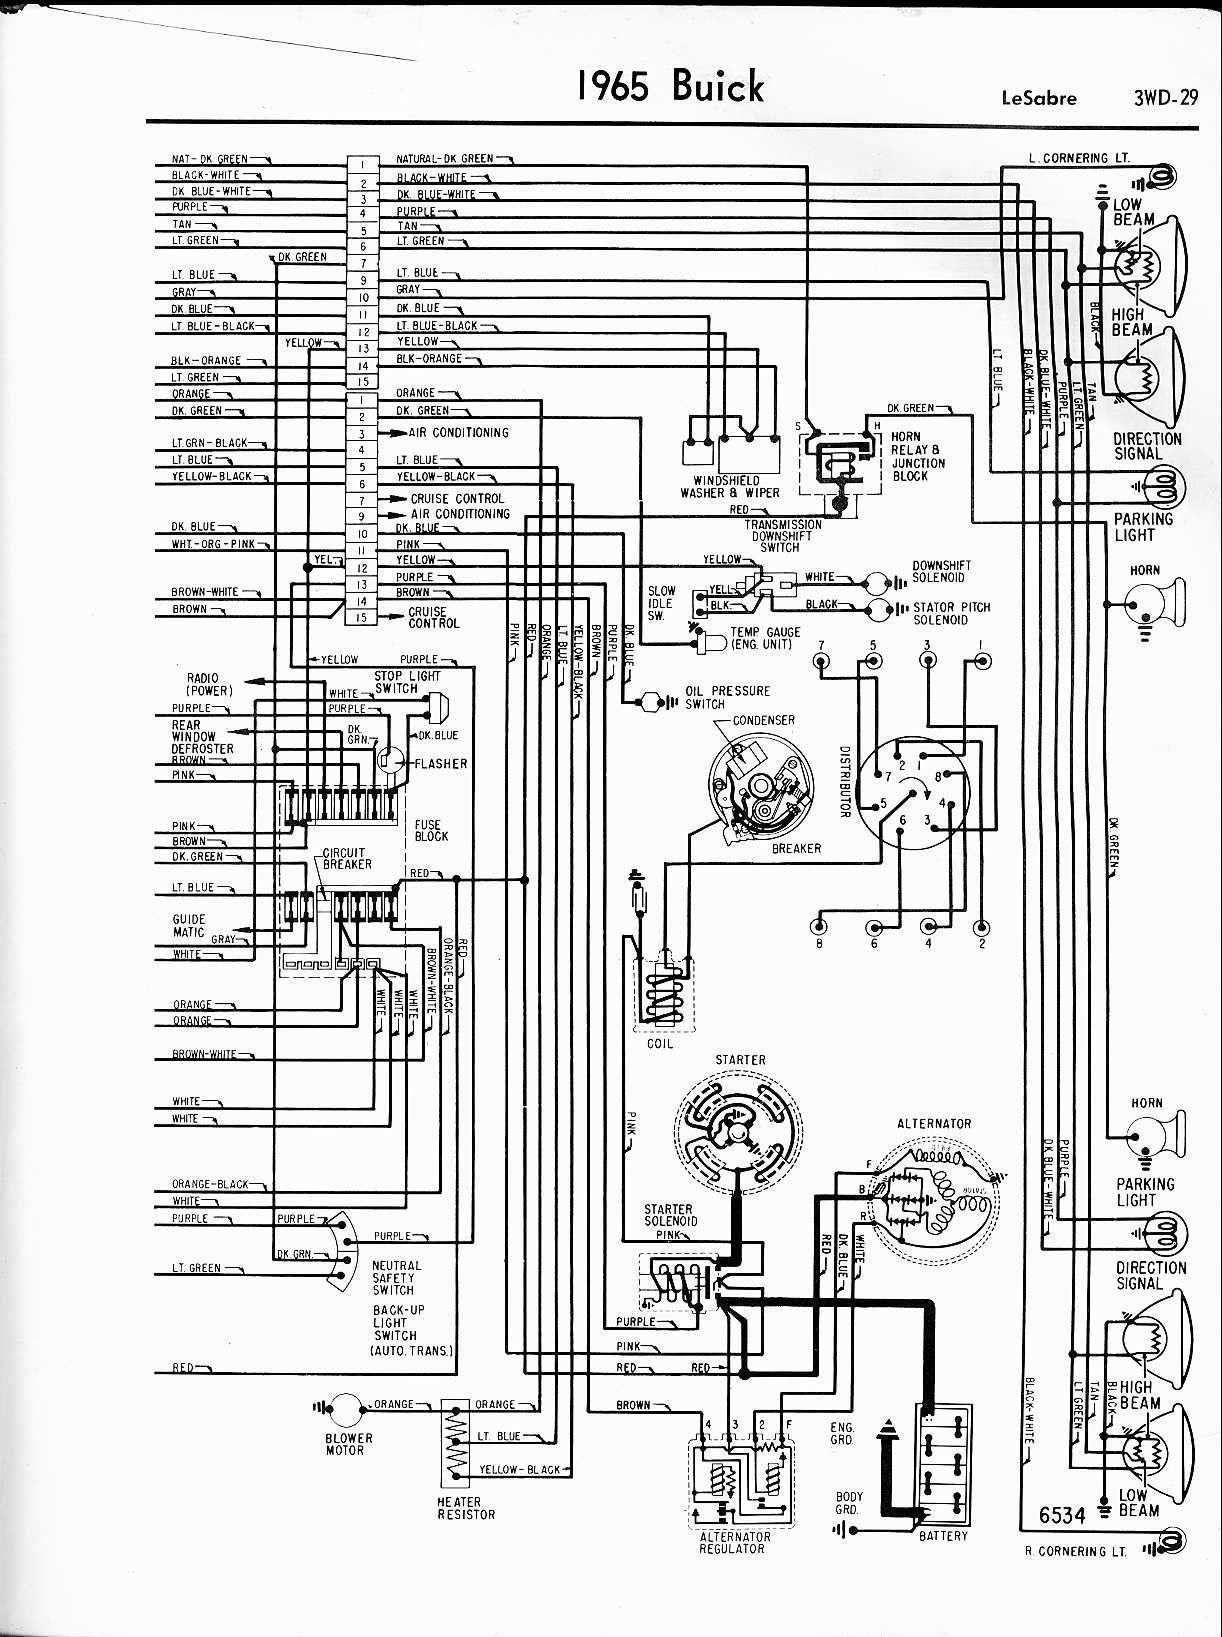 New Saturn Alternator Wiring Diagram Diagrams Digramssample Diagramimages Wiringdiagramsample Wiringdiagram Diagram Radio Alternator